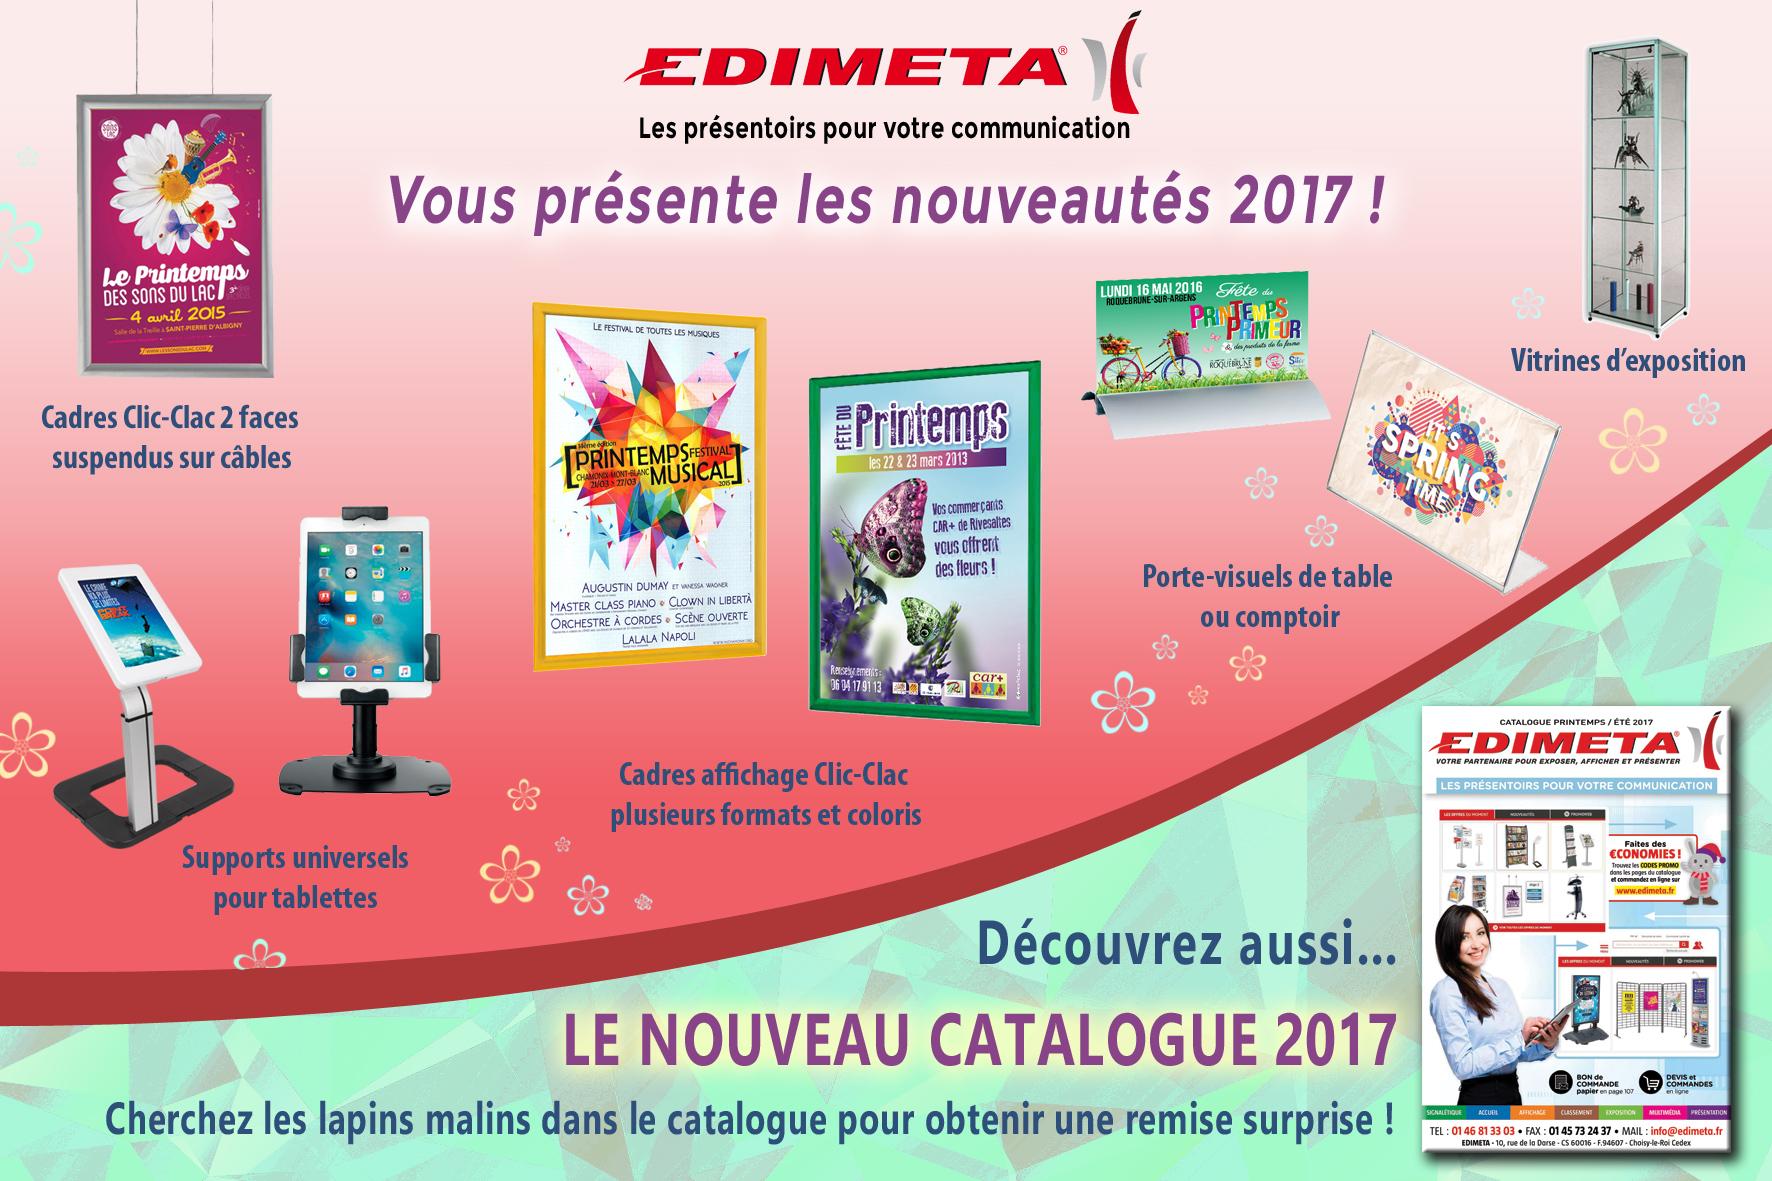 EDIMETA vous présente les nouveautés 2017